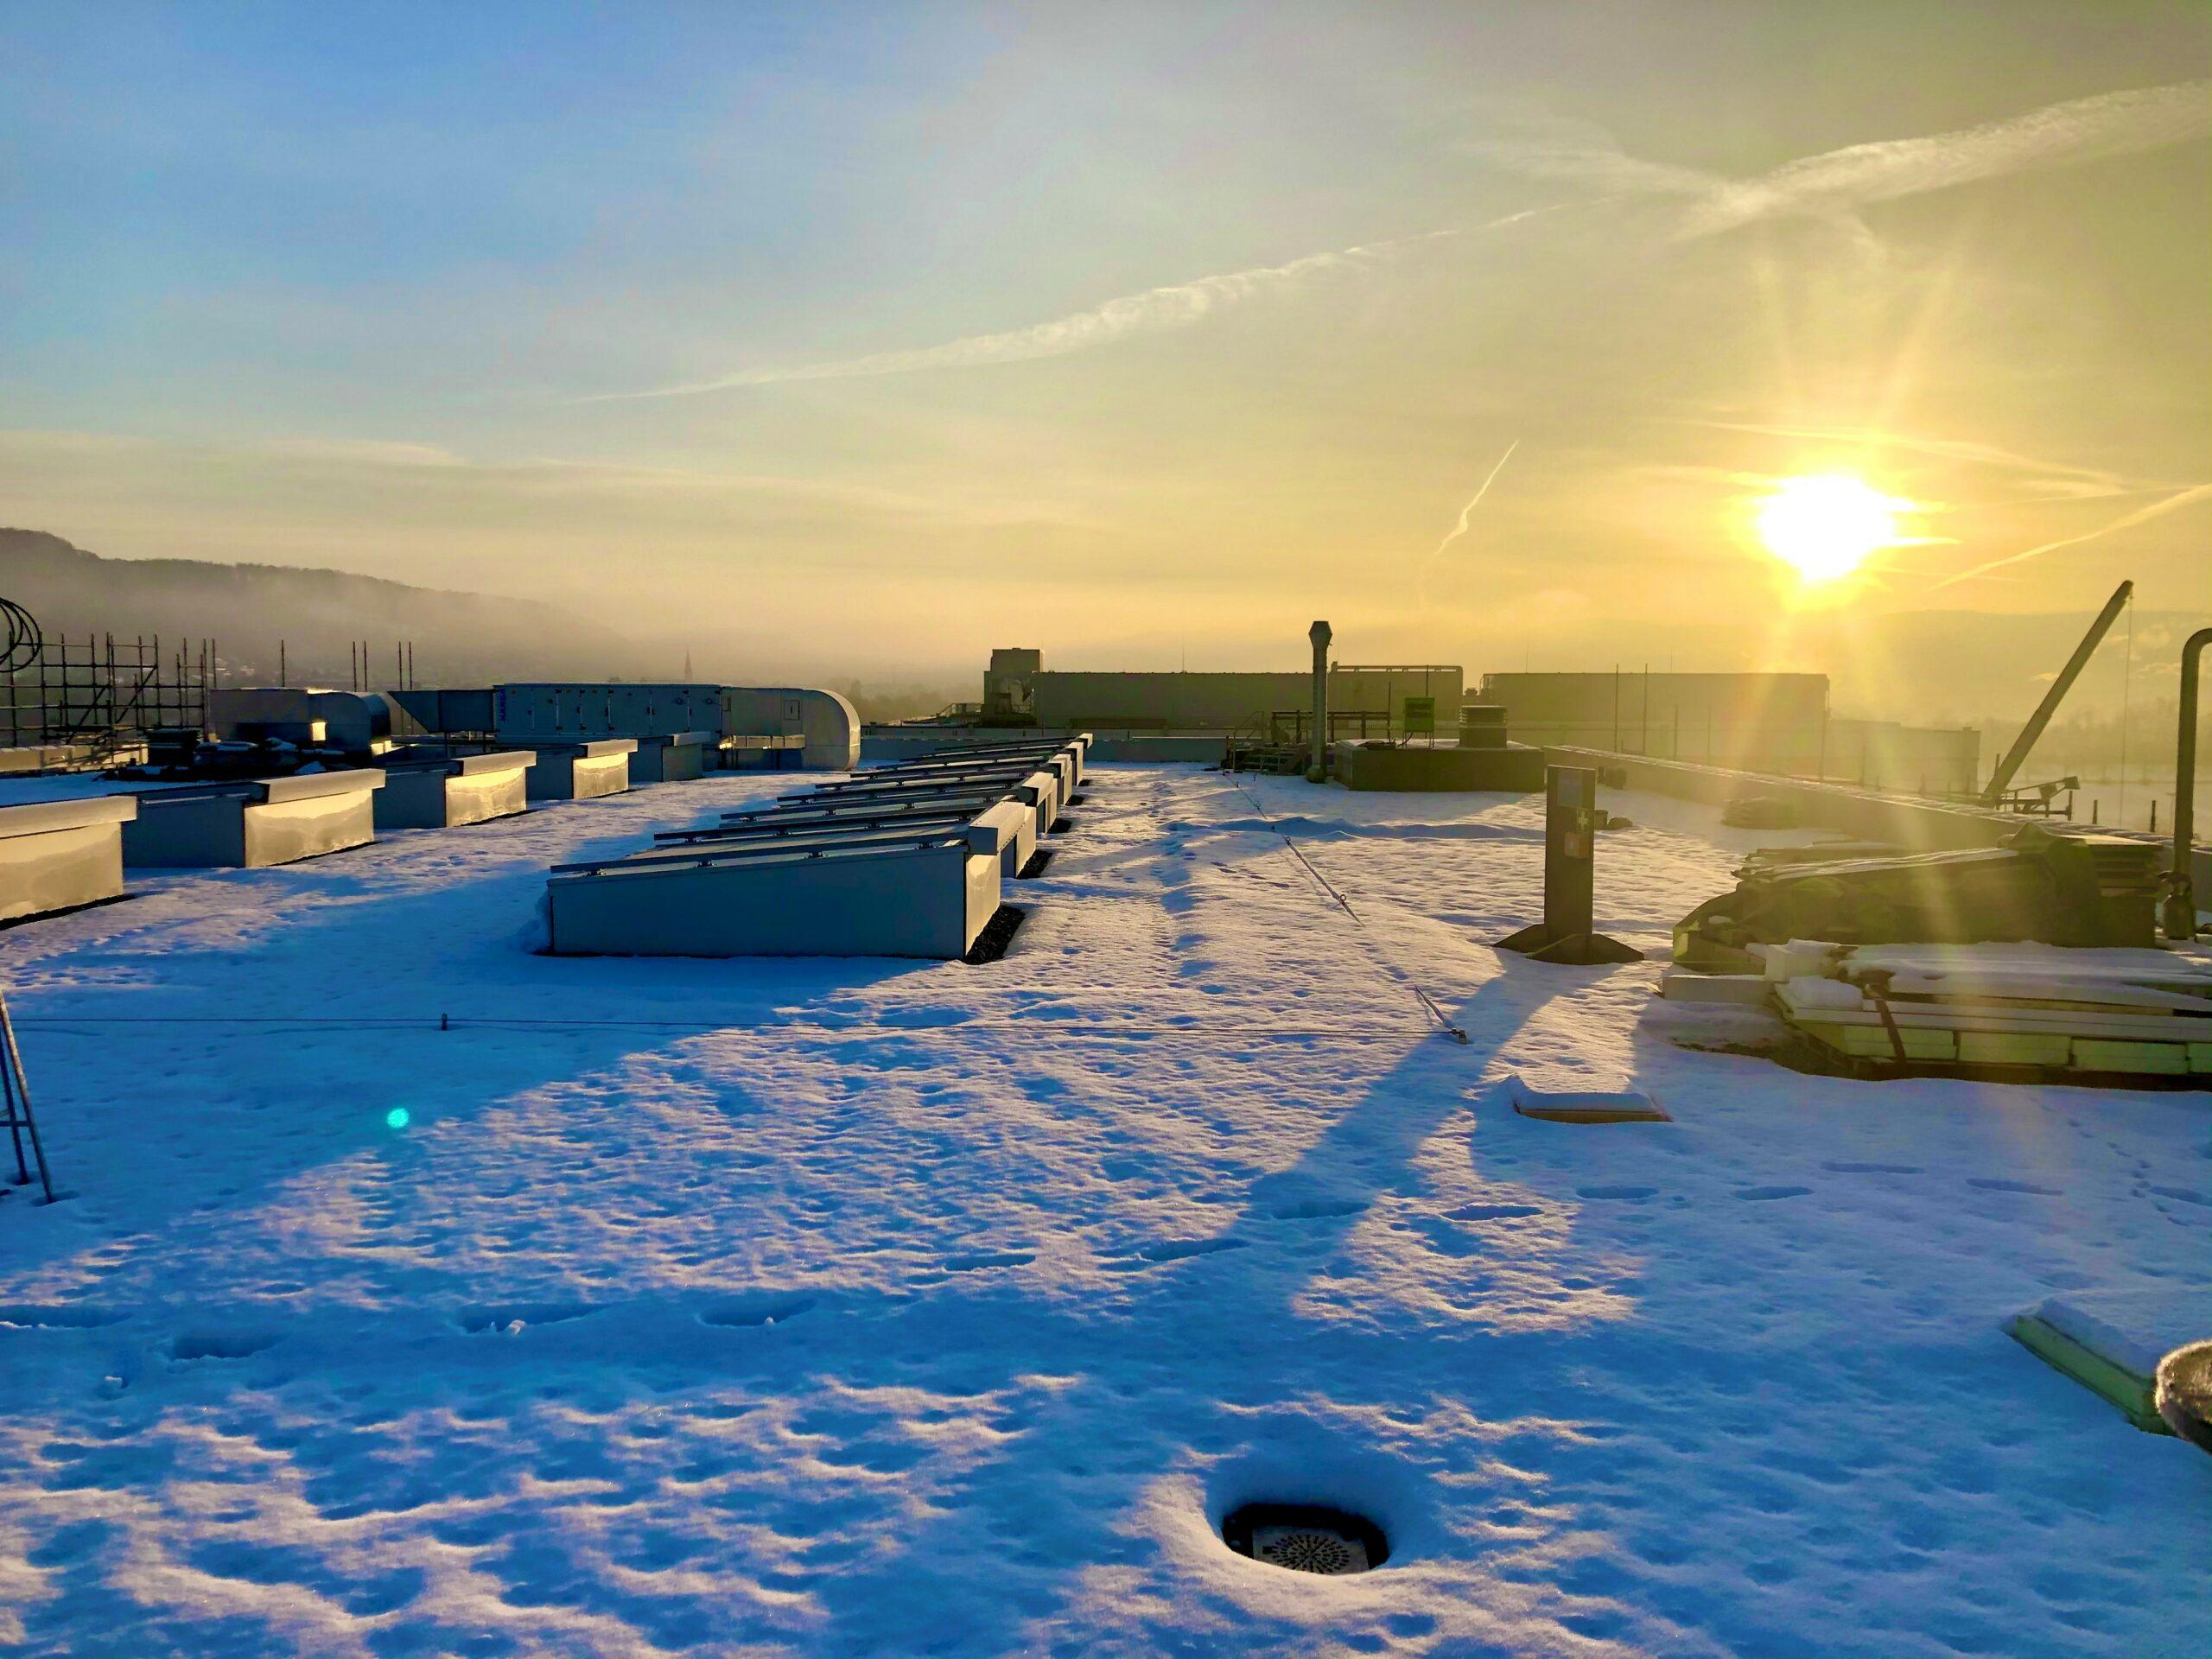 Sonnenaufgang auf dem Dach bei -6°C